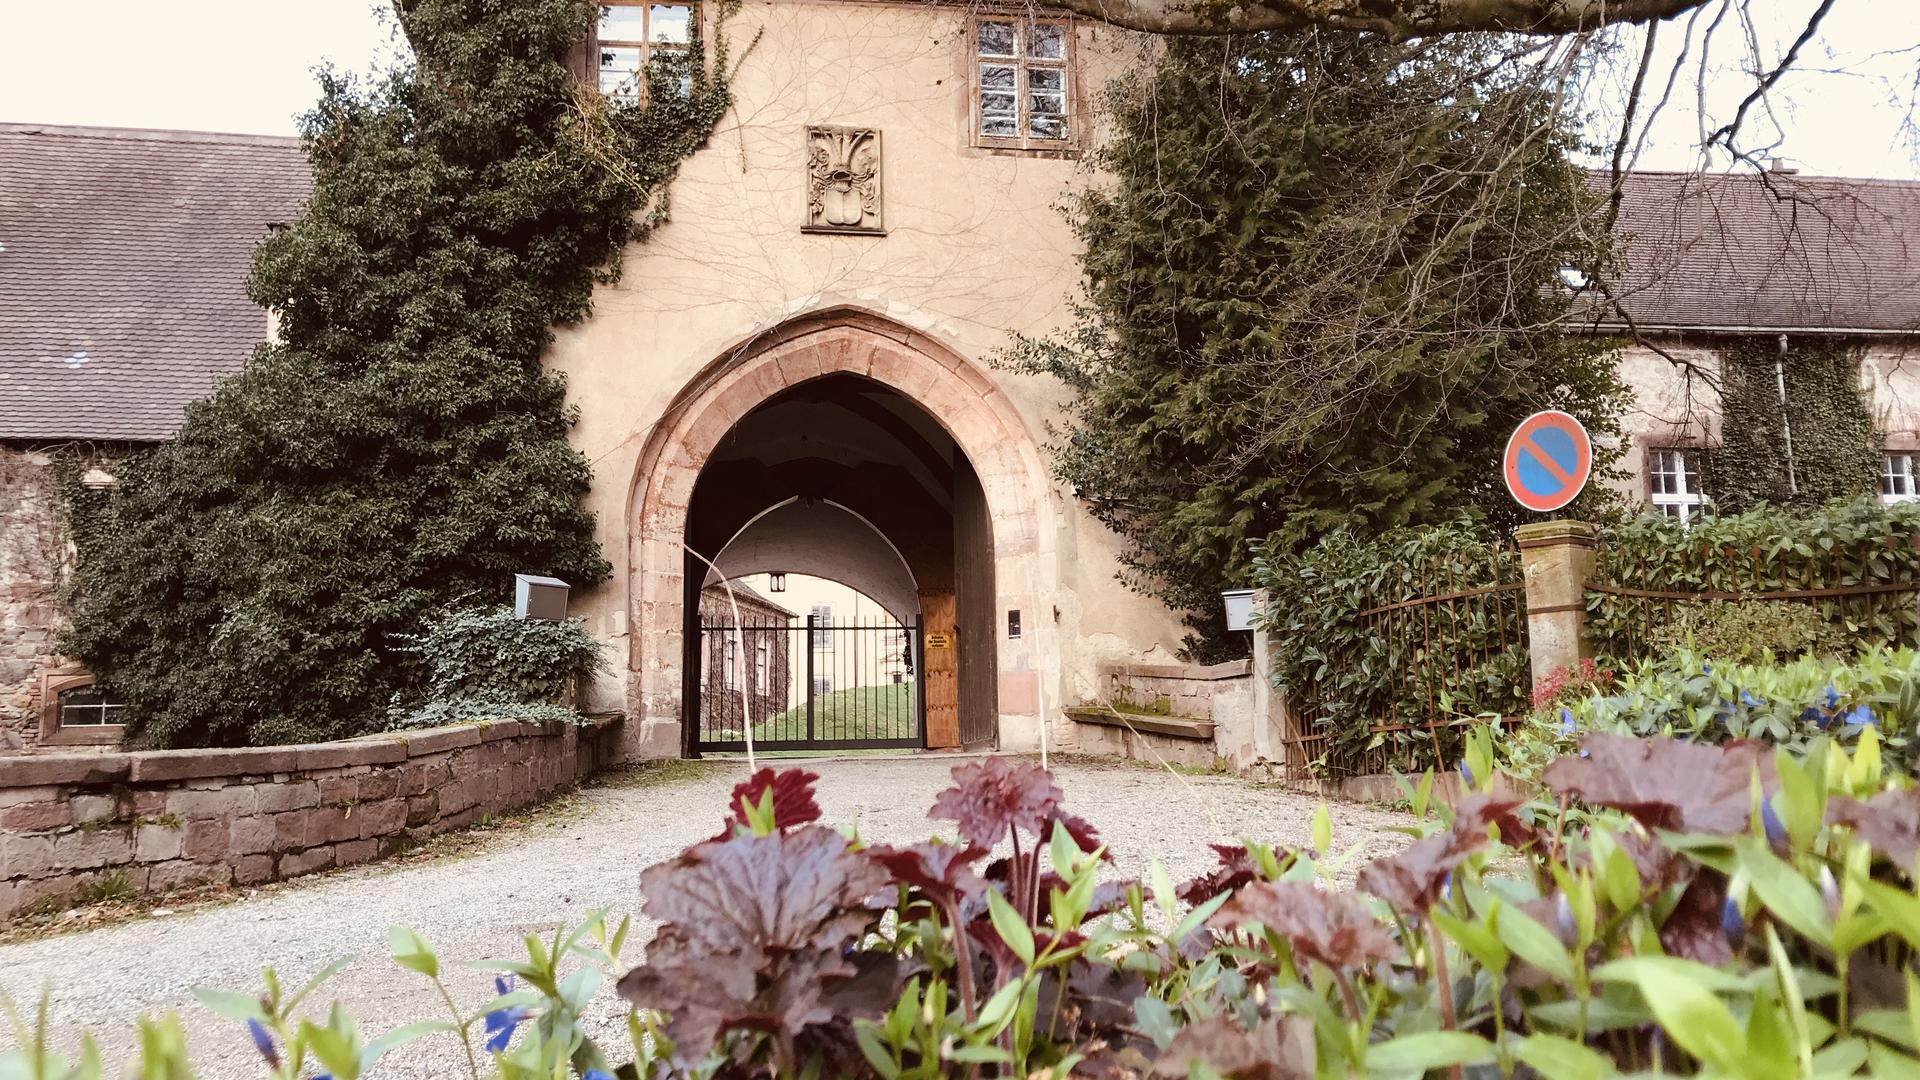 Ein Luxushotel soll im Neuen Schloss entstehen. Auf die Realisierung wartet man in Baden-Baden seit Jahren.